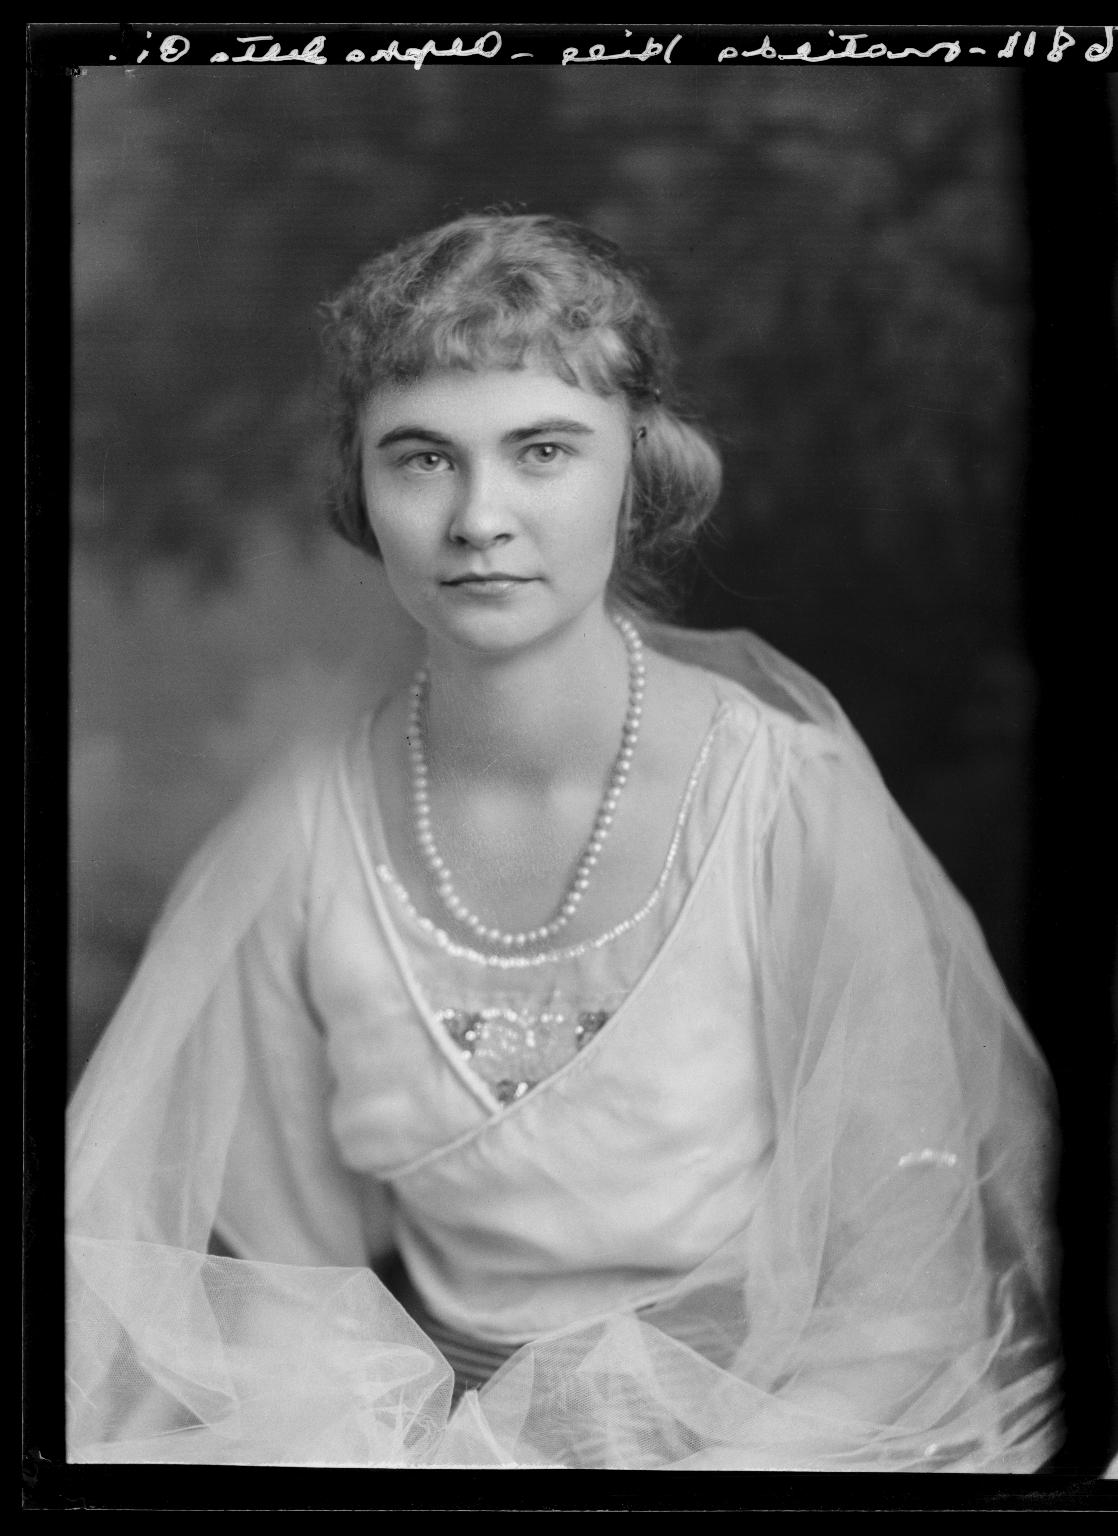 Portraits of Matilda Hill